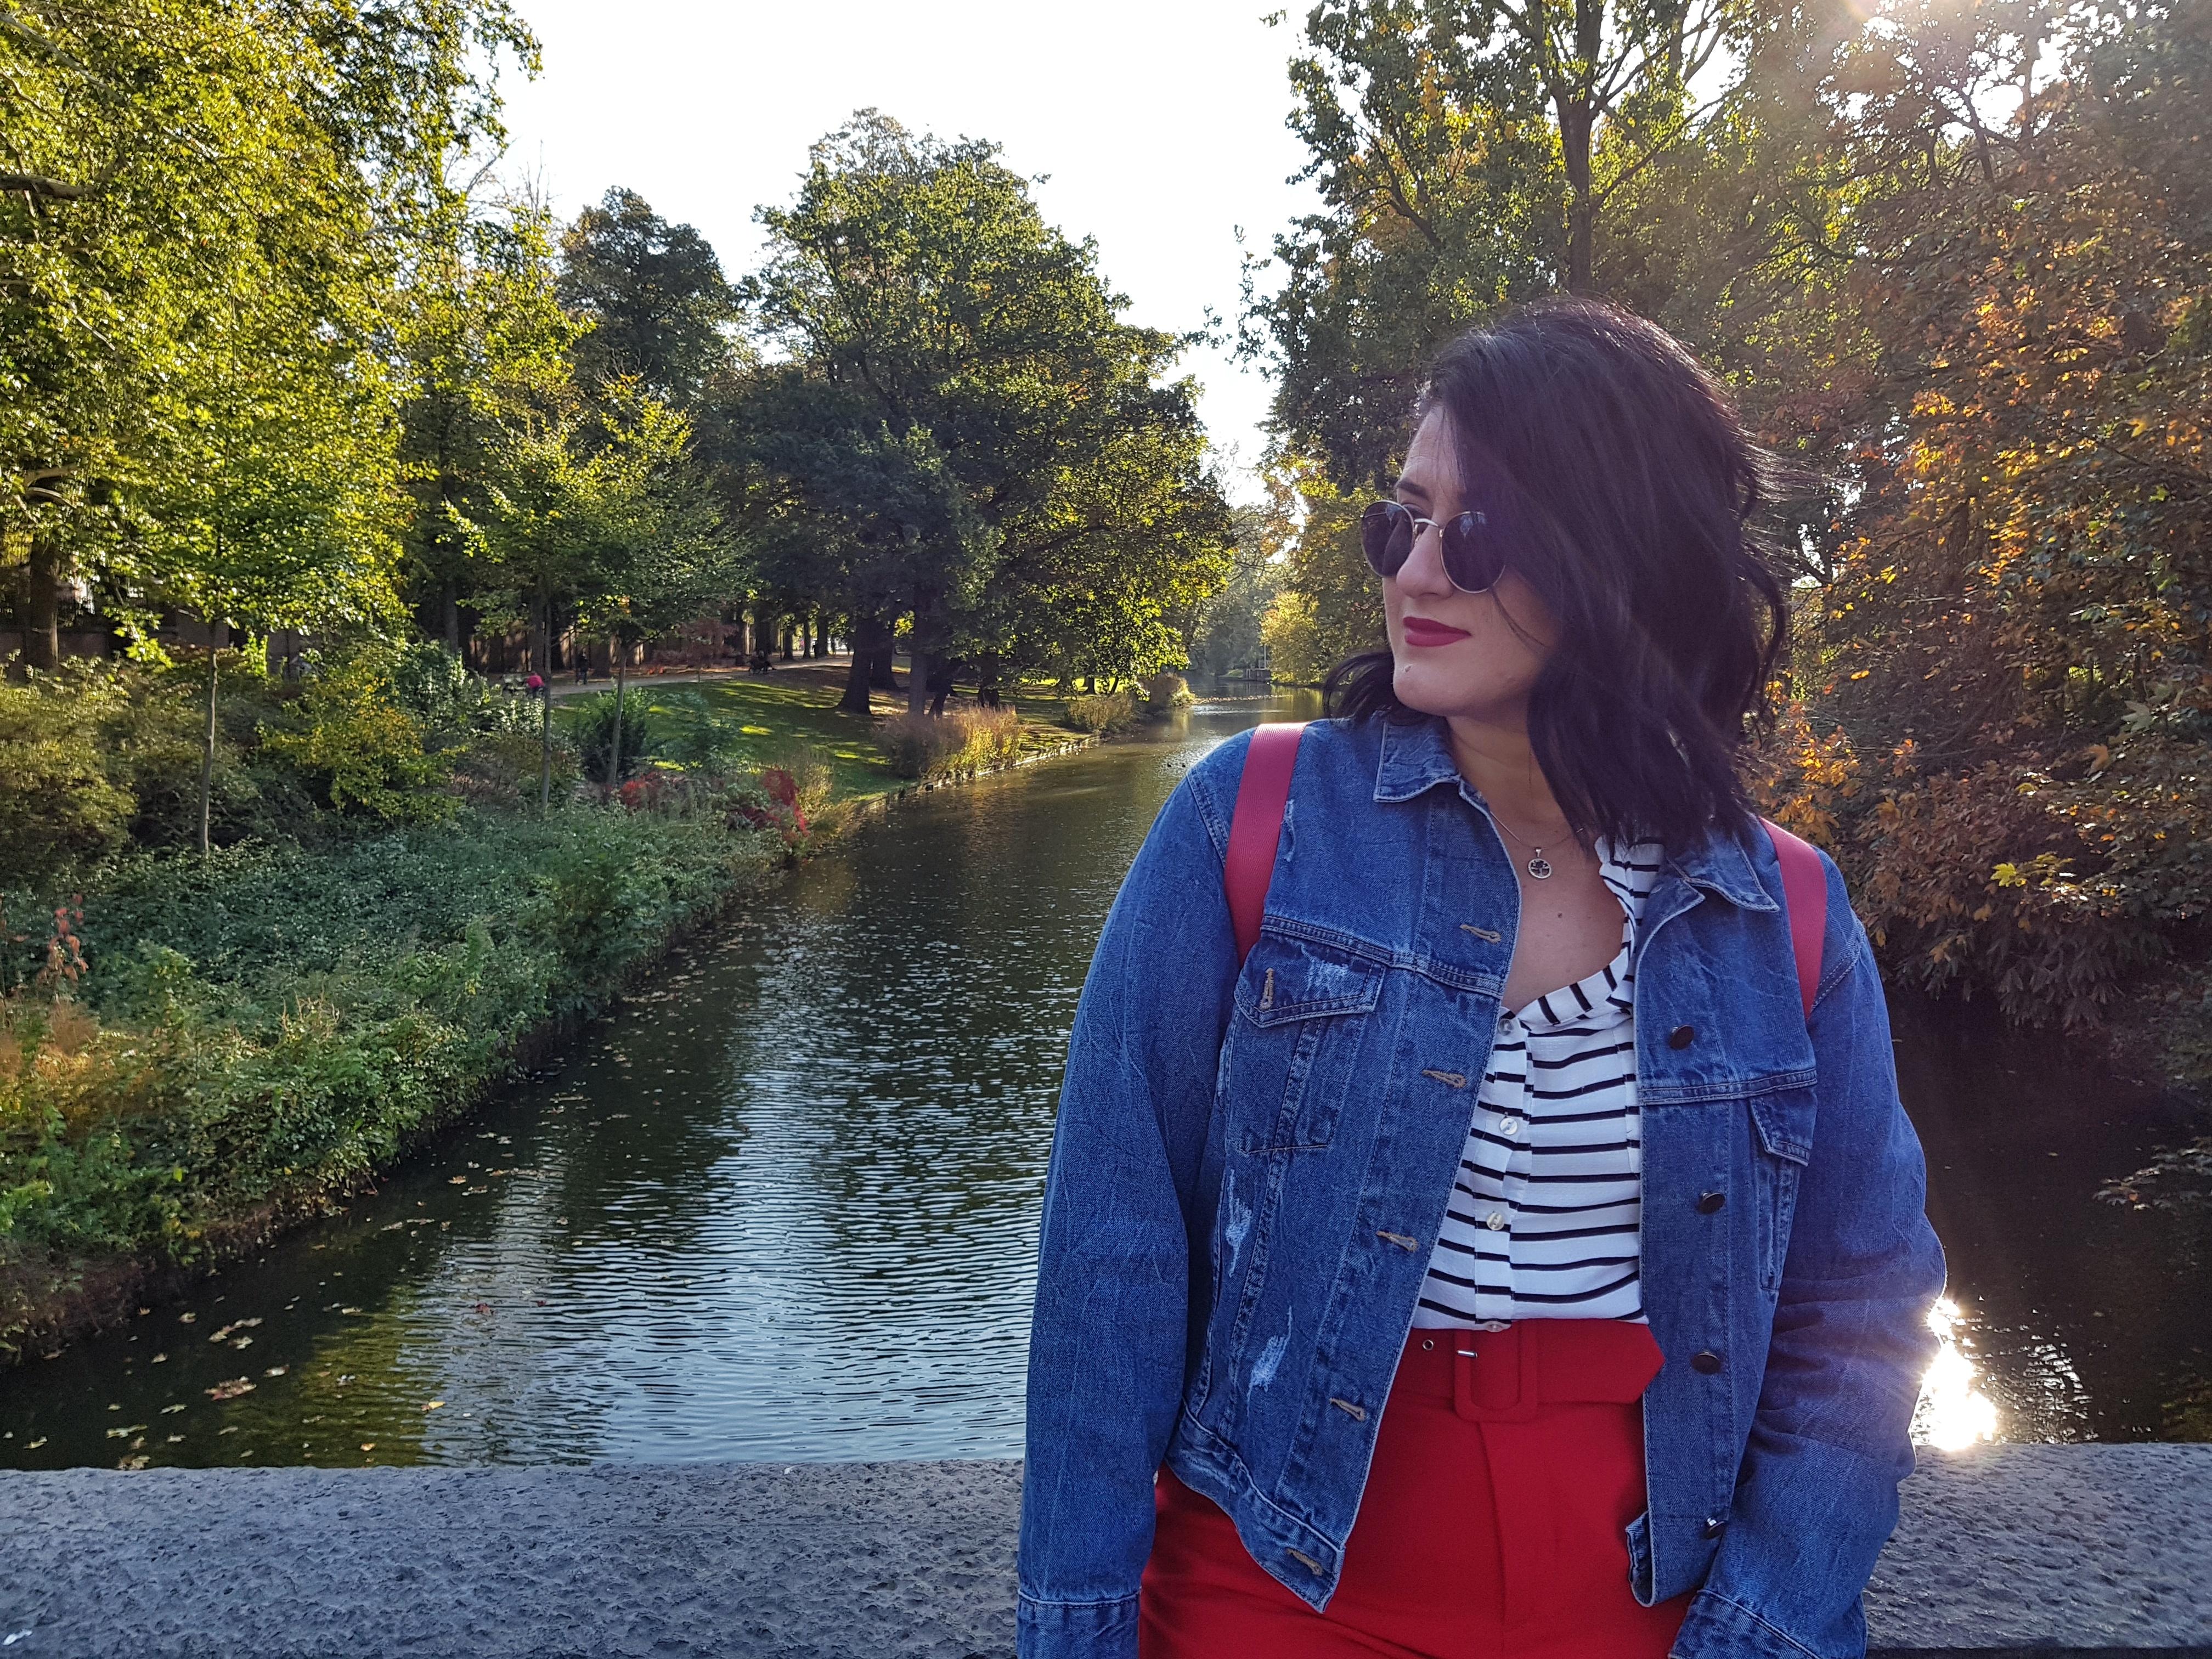 rosegal_brugge_bruges_belgium_curlly_hair_wand_review